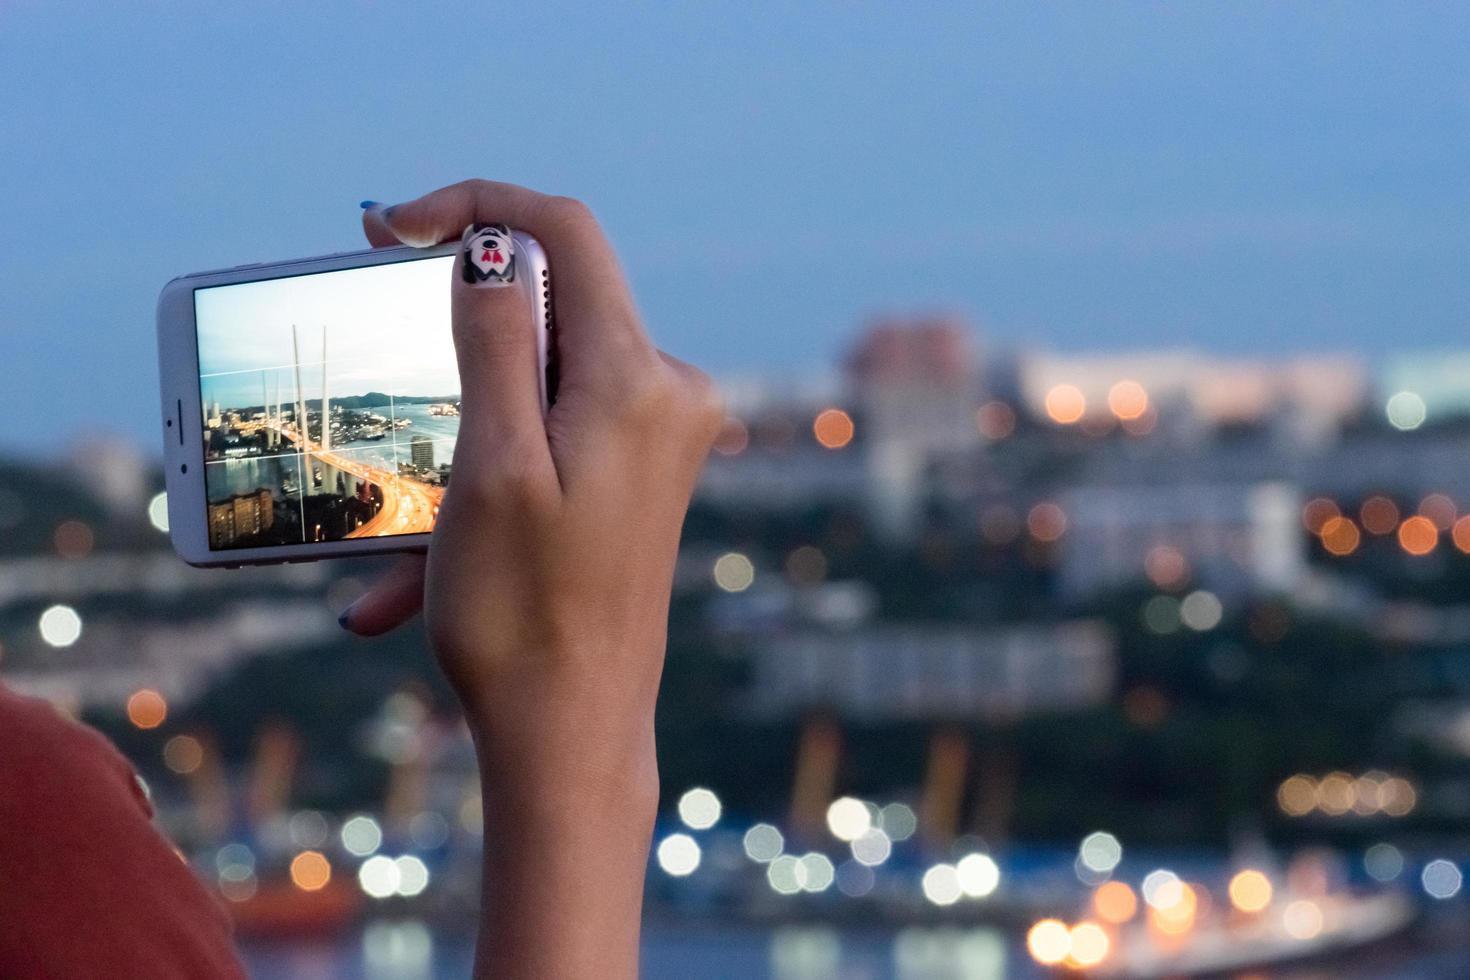 meisje hand met een smartphone die foto's maakt van de gouden brug. vladivostok, rusland foto